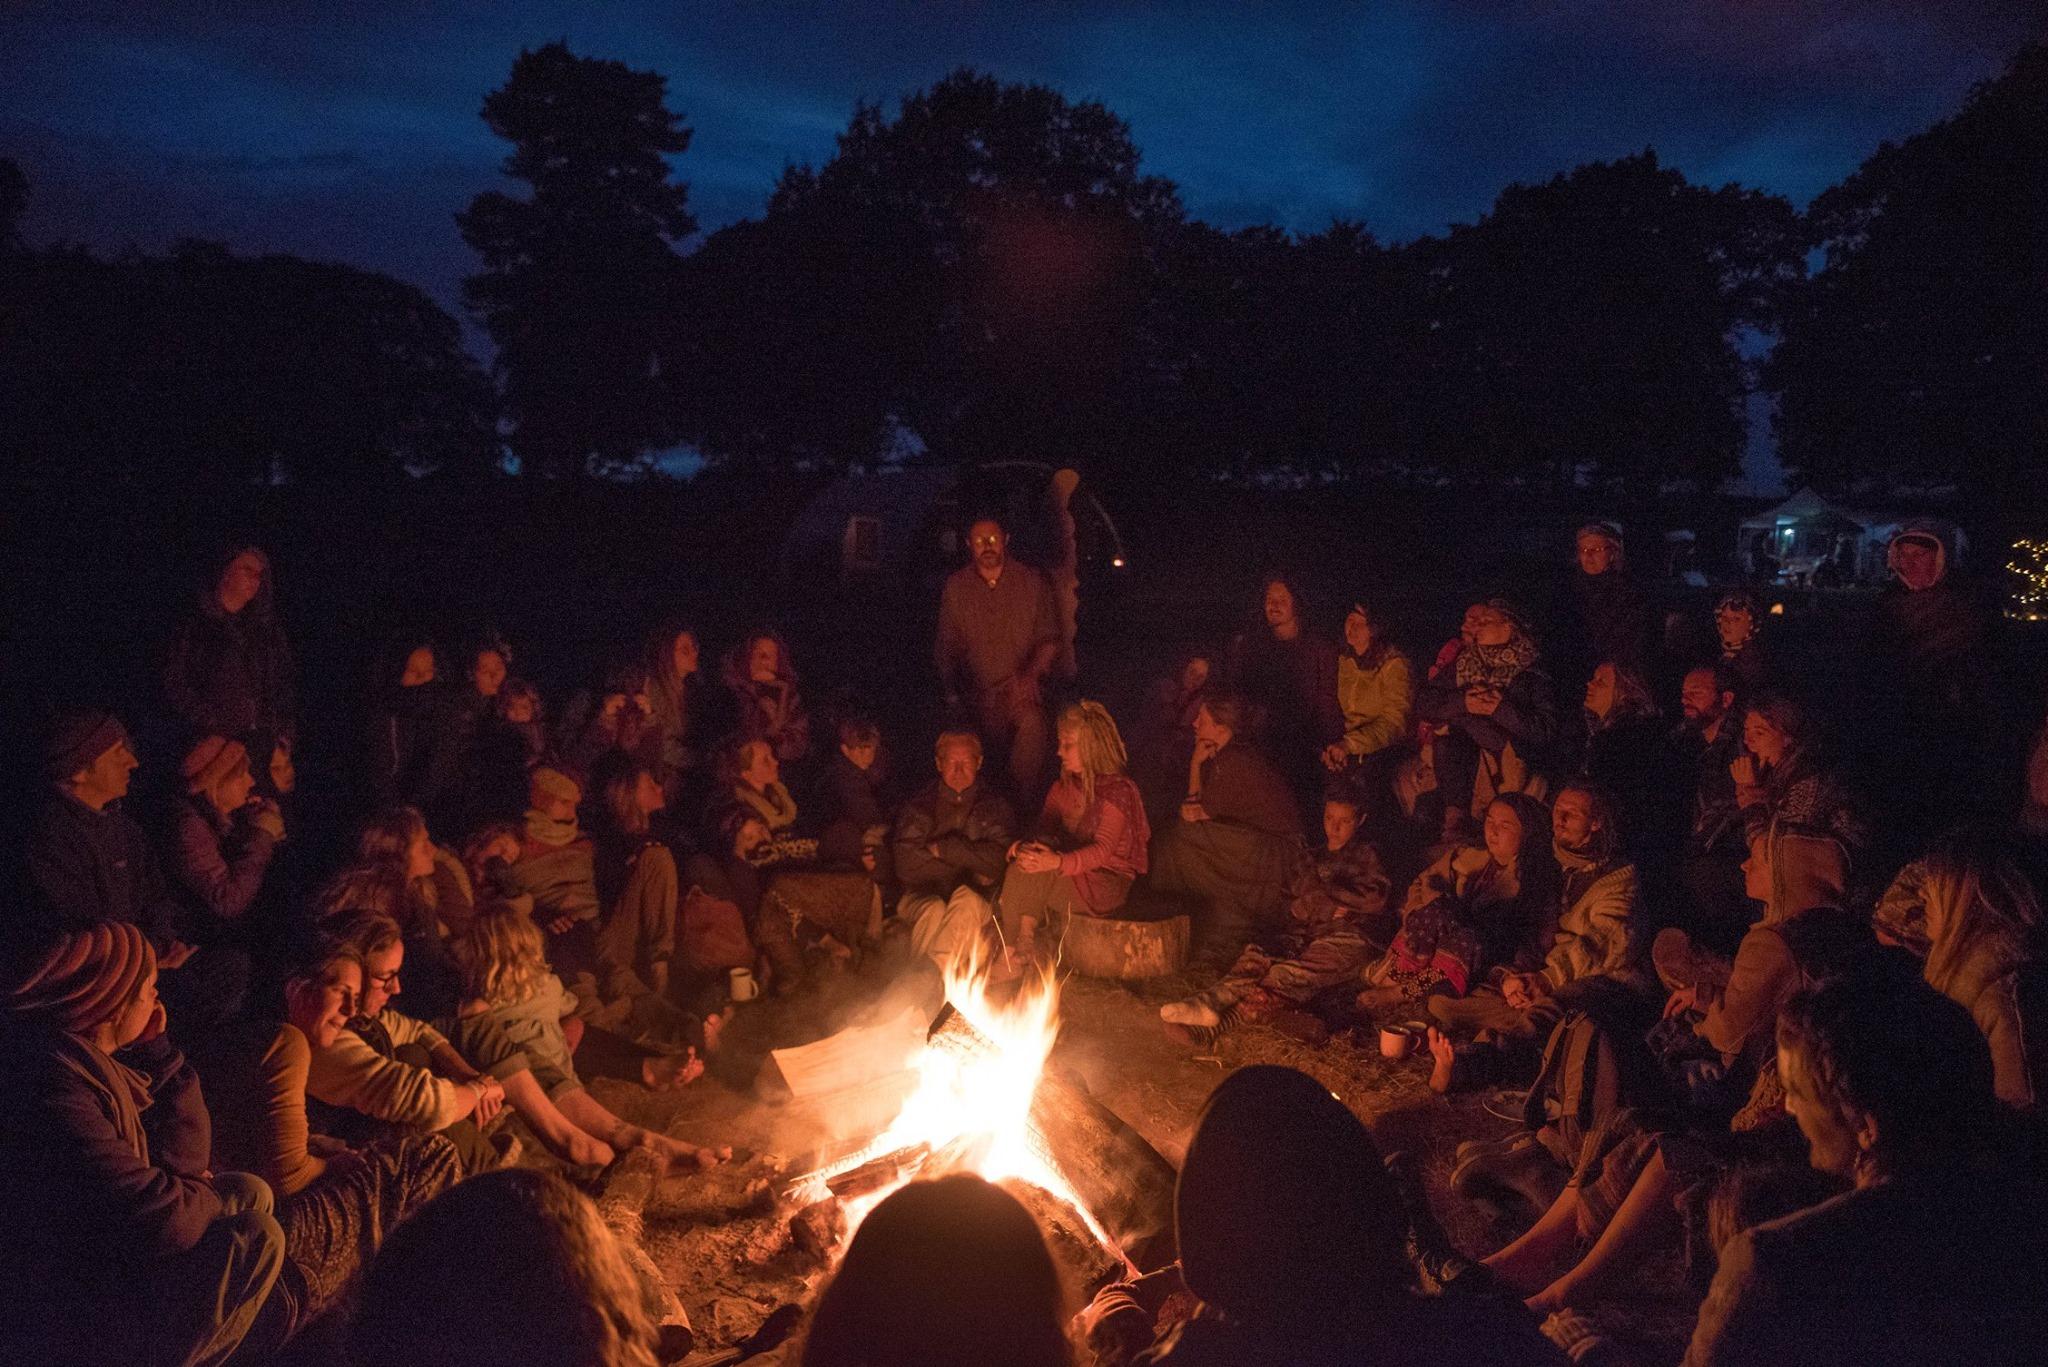 storytelling fireside